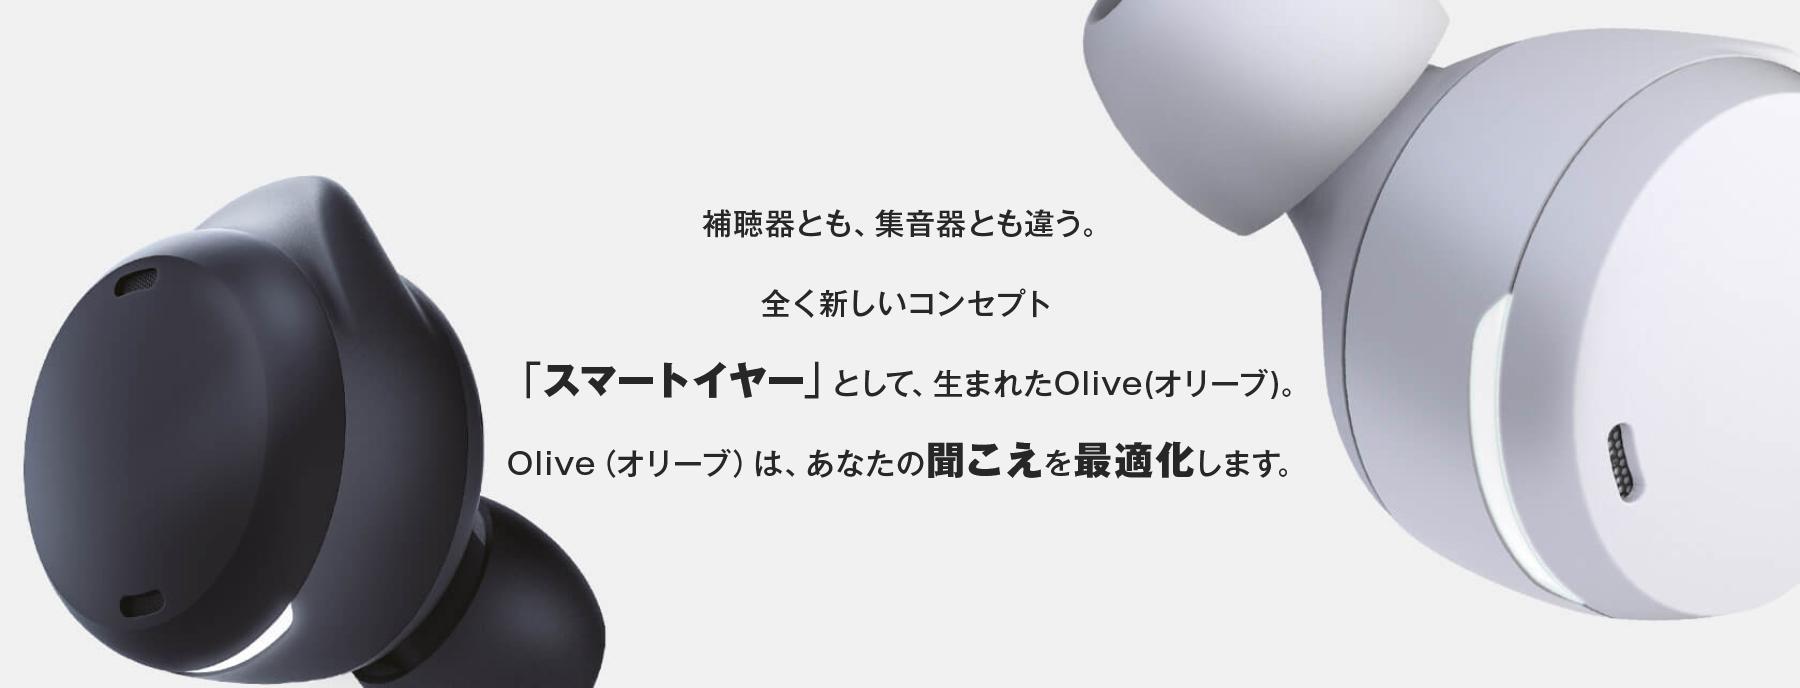 補聴器とも、集音器とも違う。全く新しいコンセプト「スマートイヤー」として、生まれたOlive(オリーブ)。Olive(オリーブ)は、あなたの聞こえを最適化します。